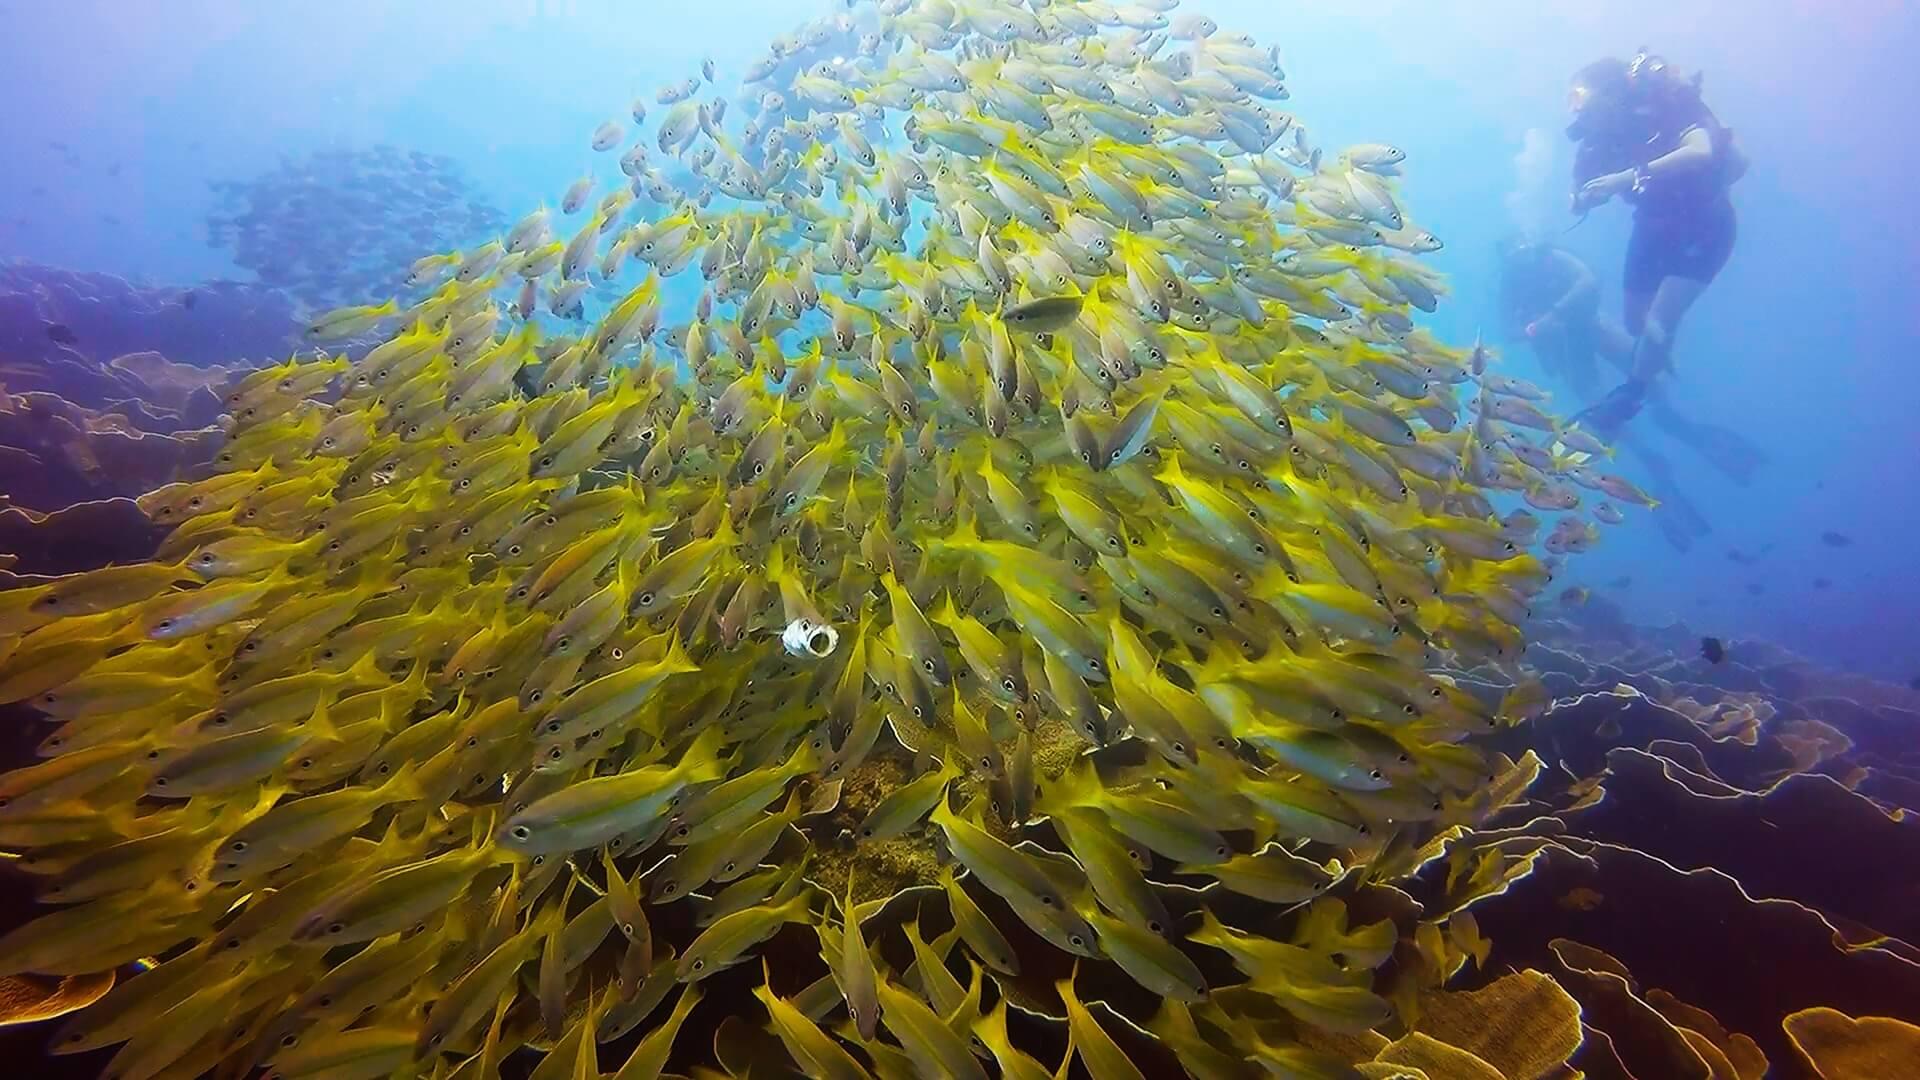 エルニドのキンセンフエダイの群れの写真